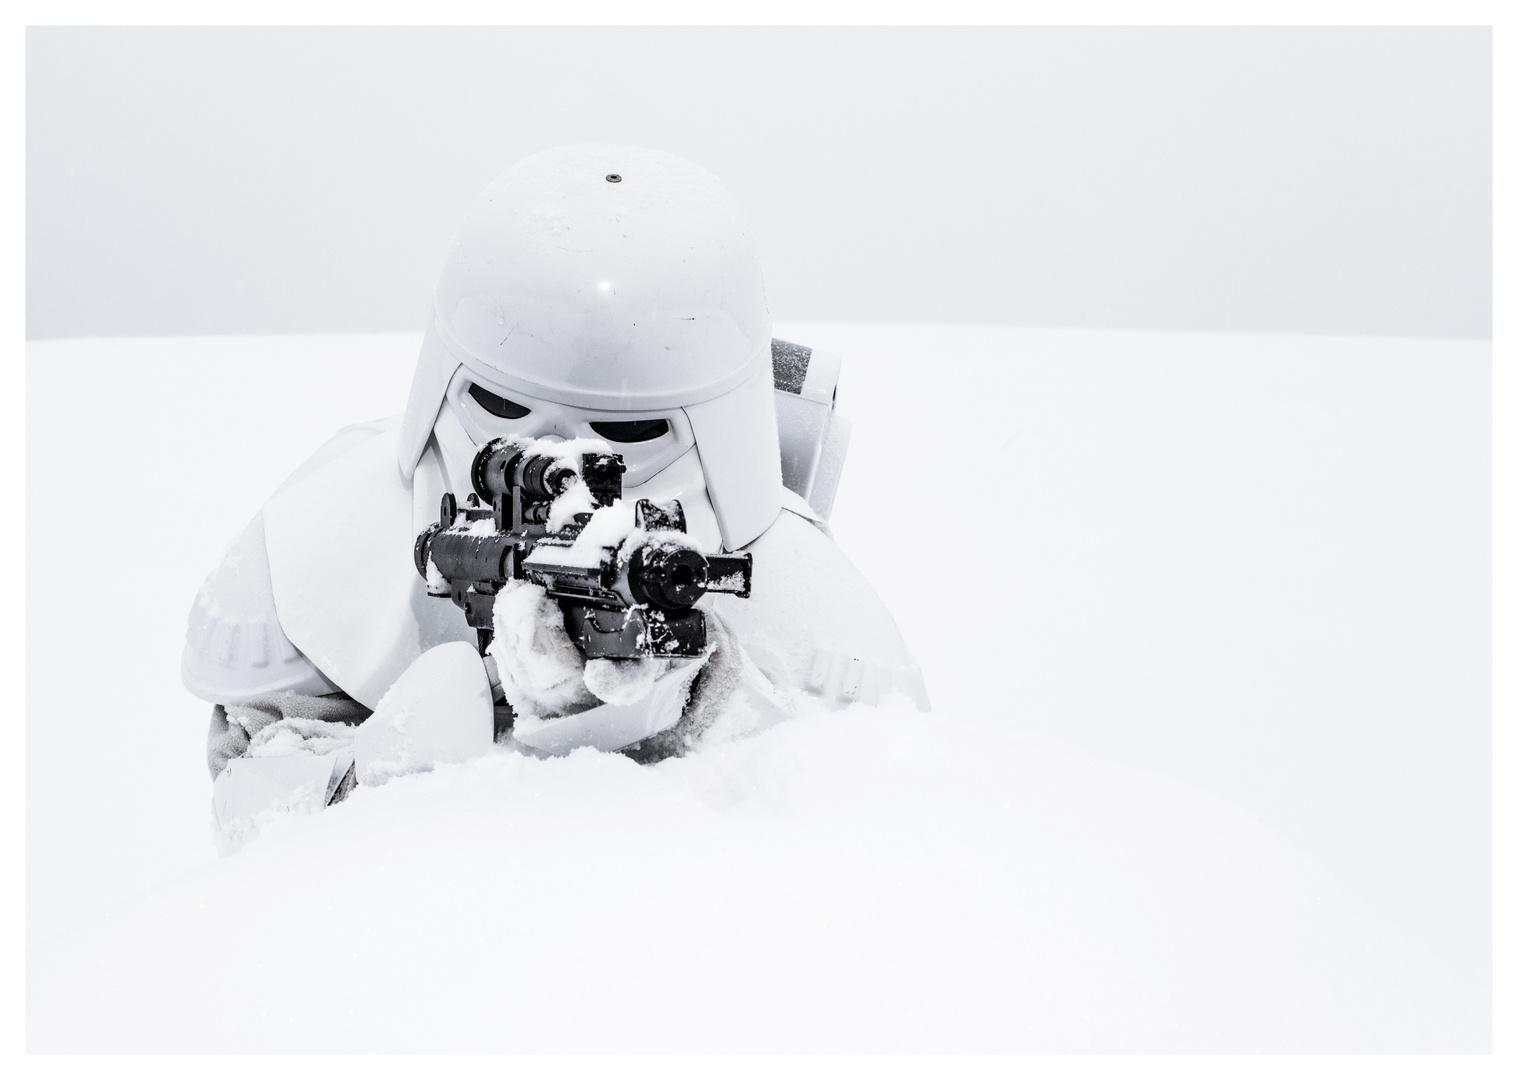 Snowtrooper I